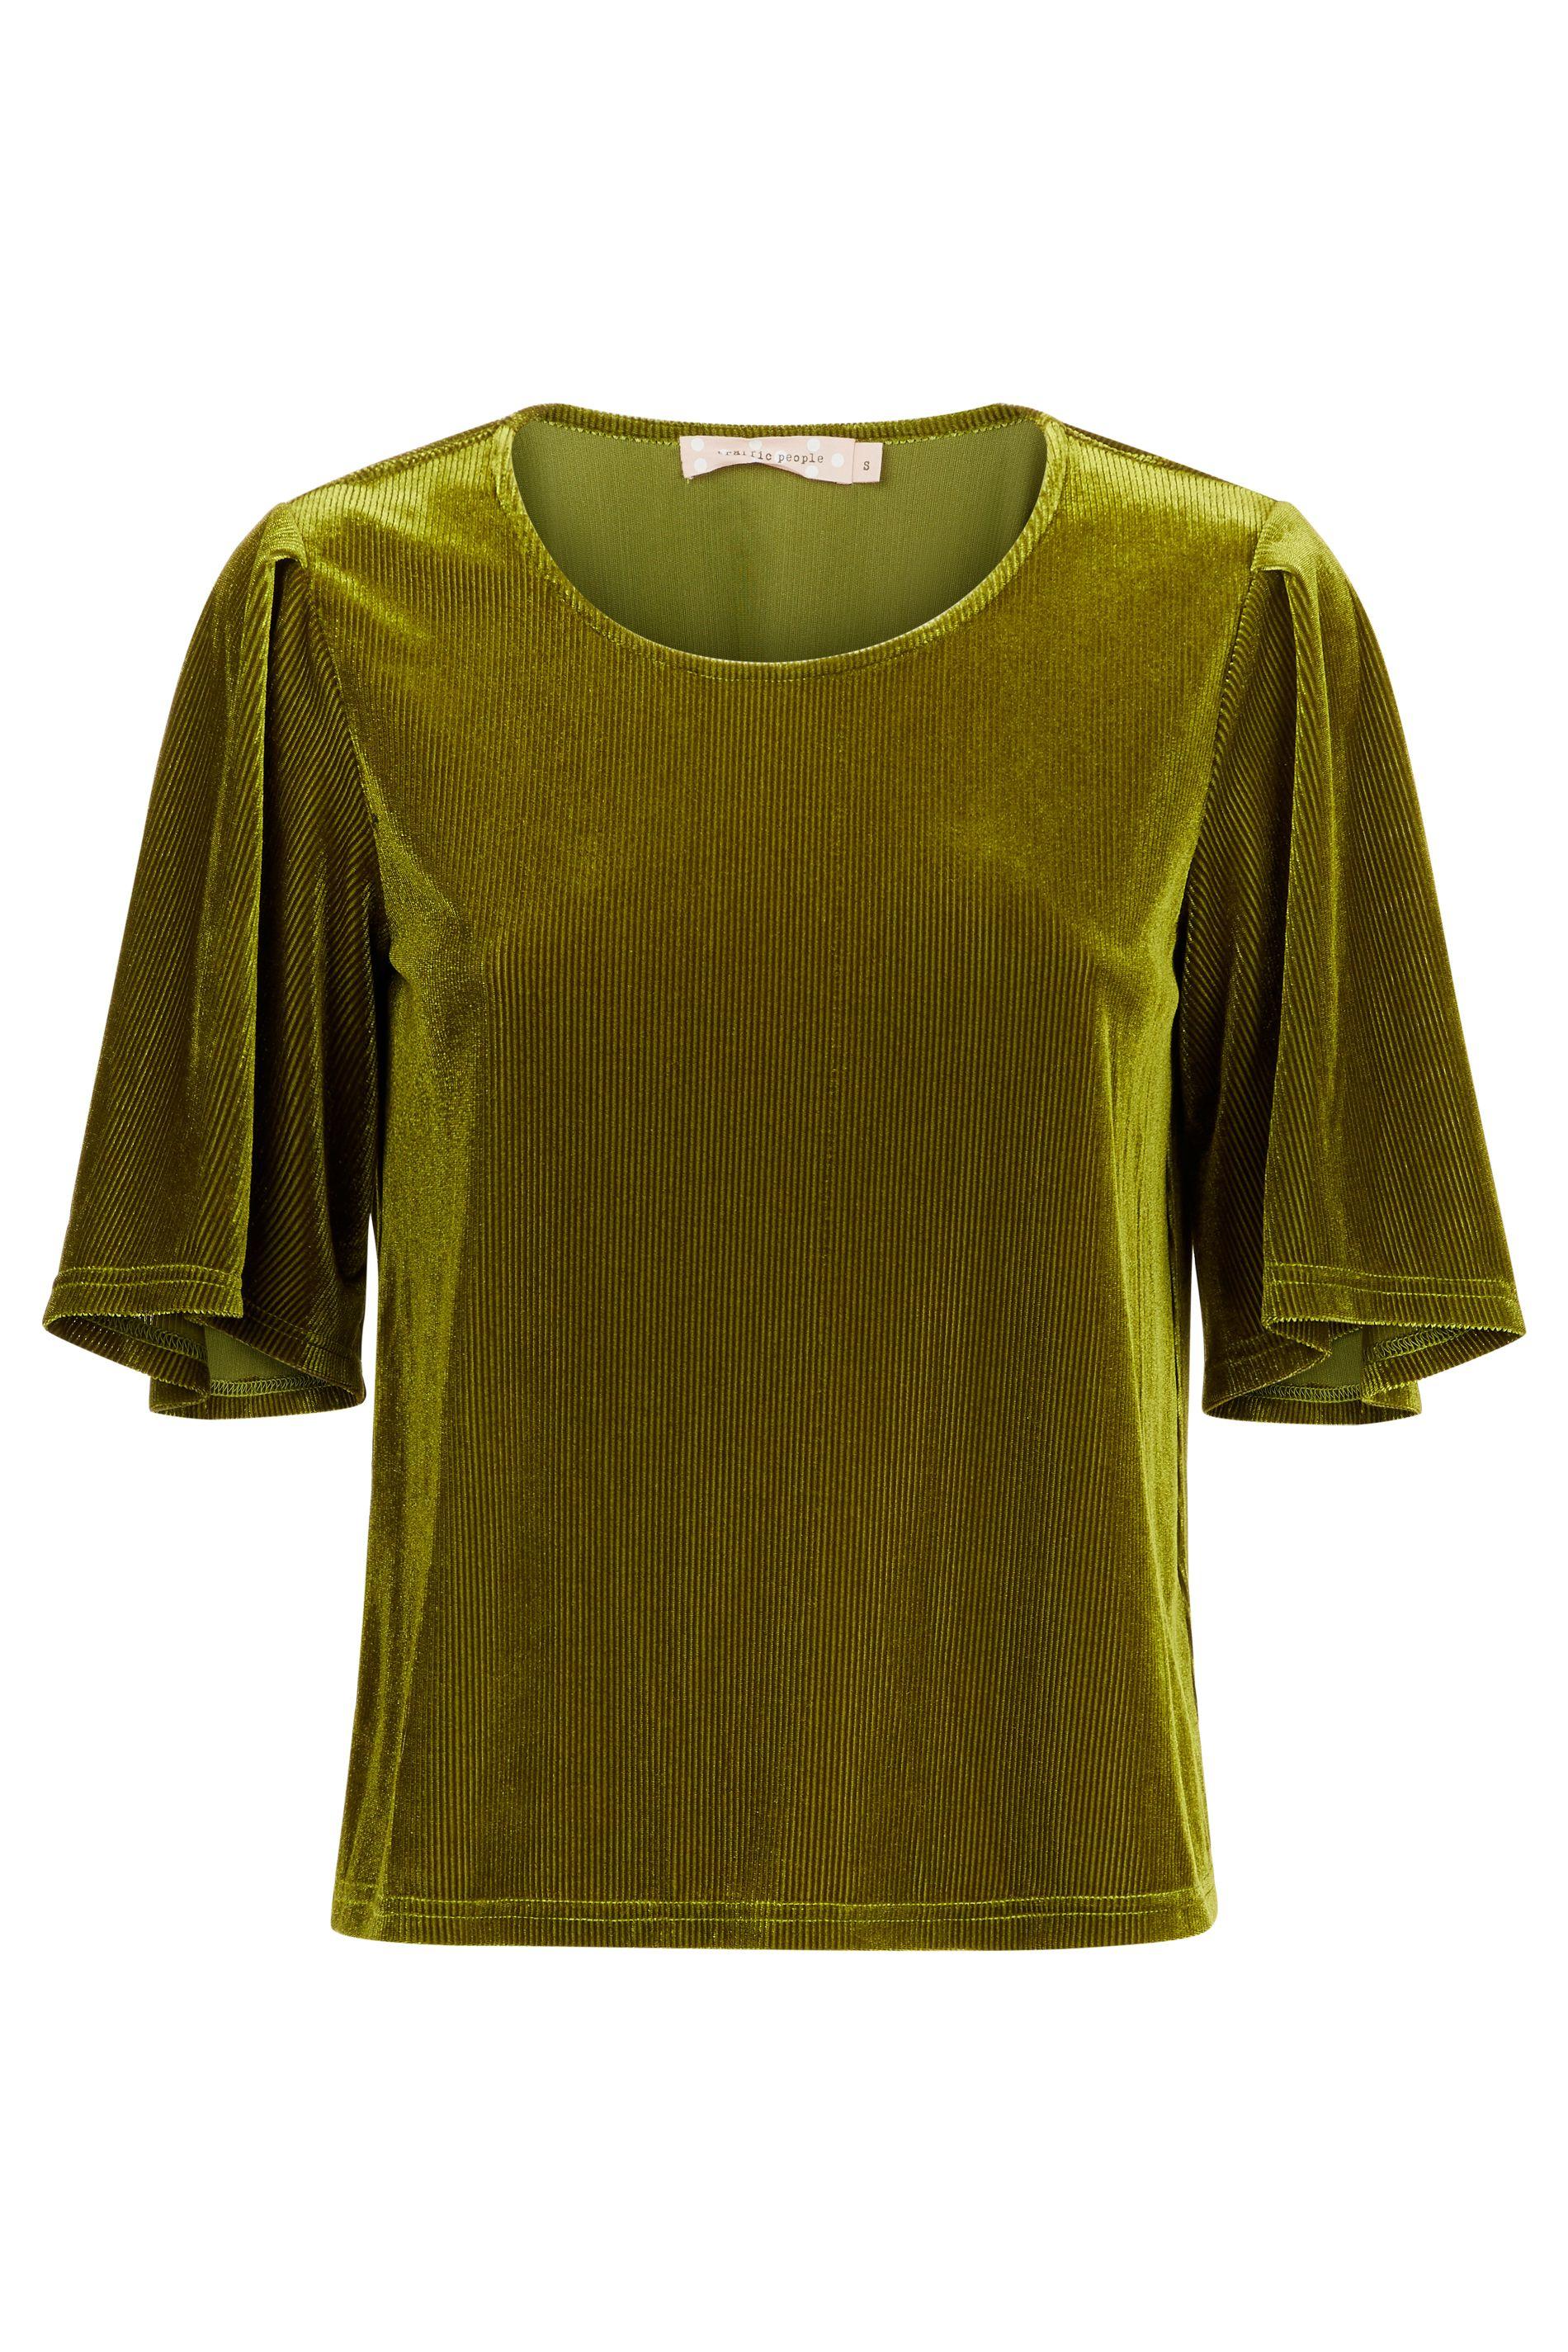 Whisper Velvet Top in Green